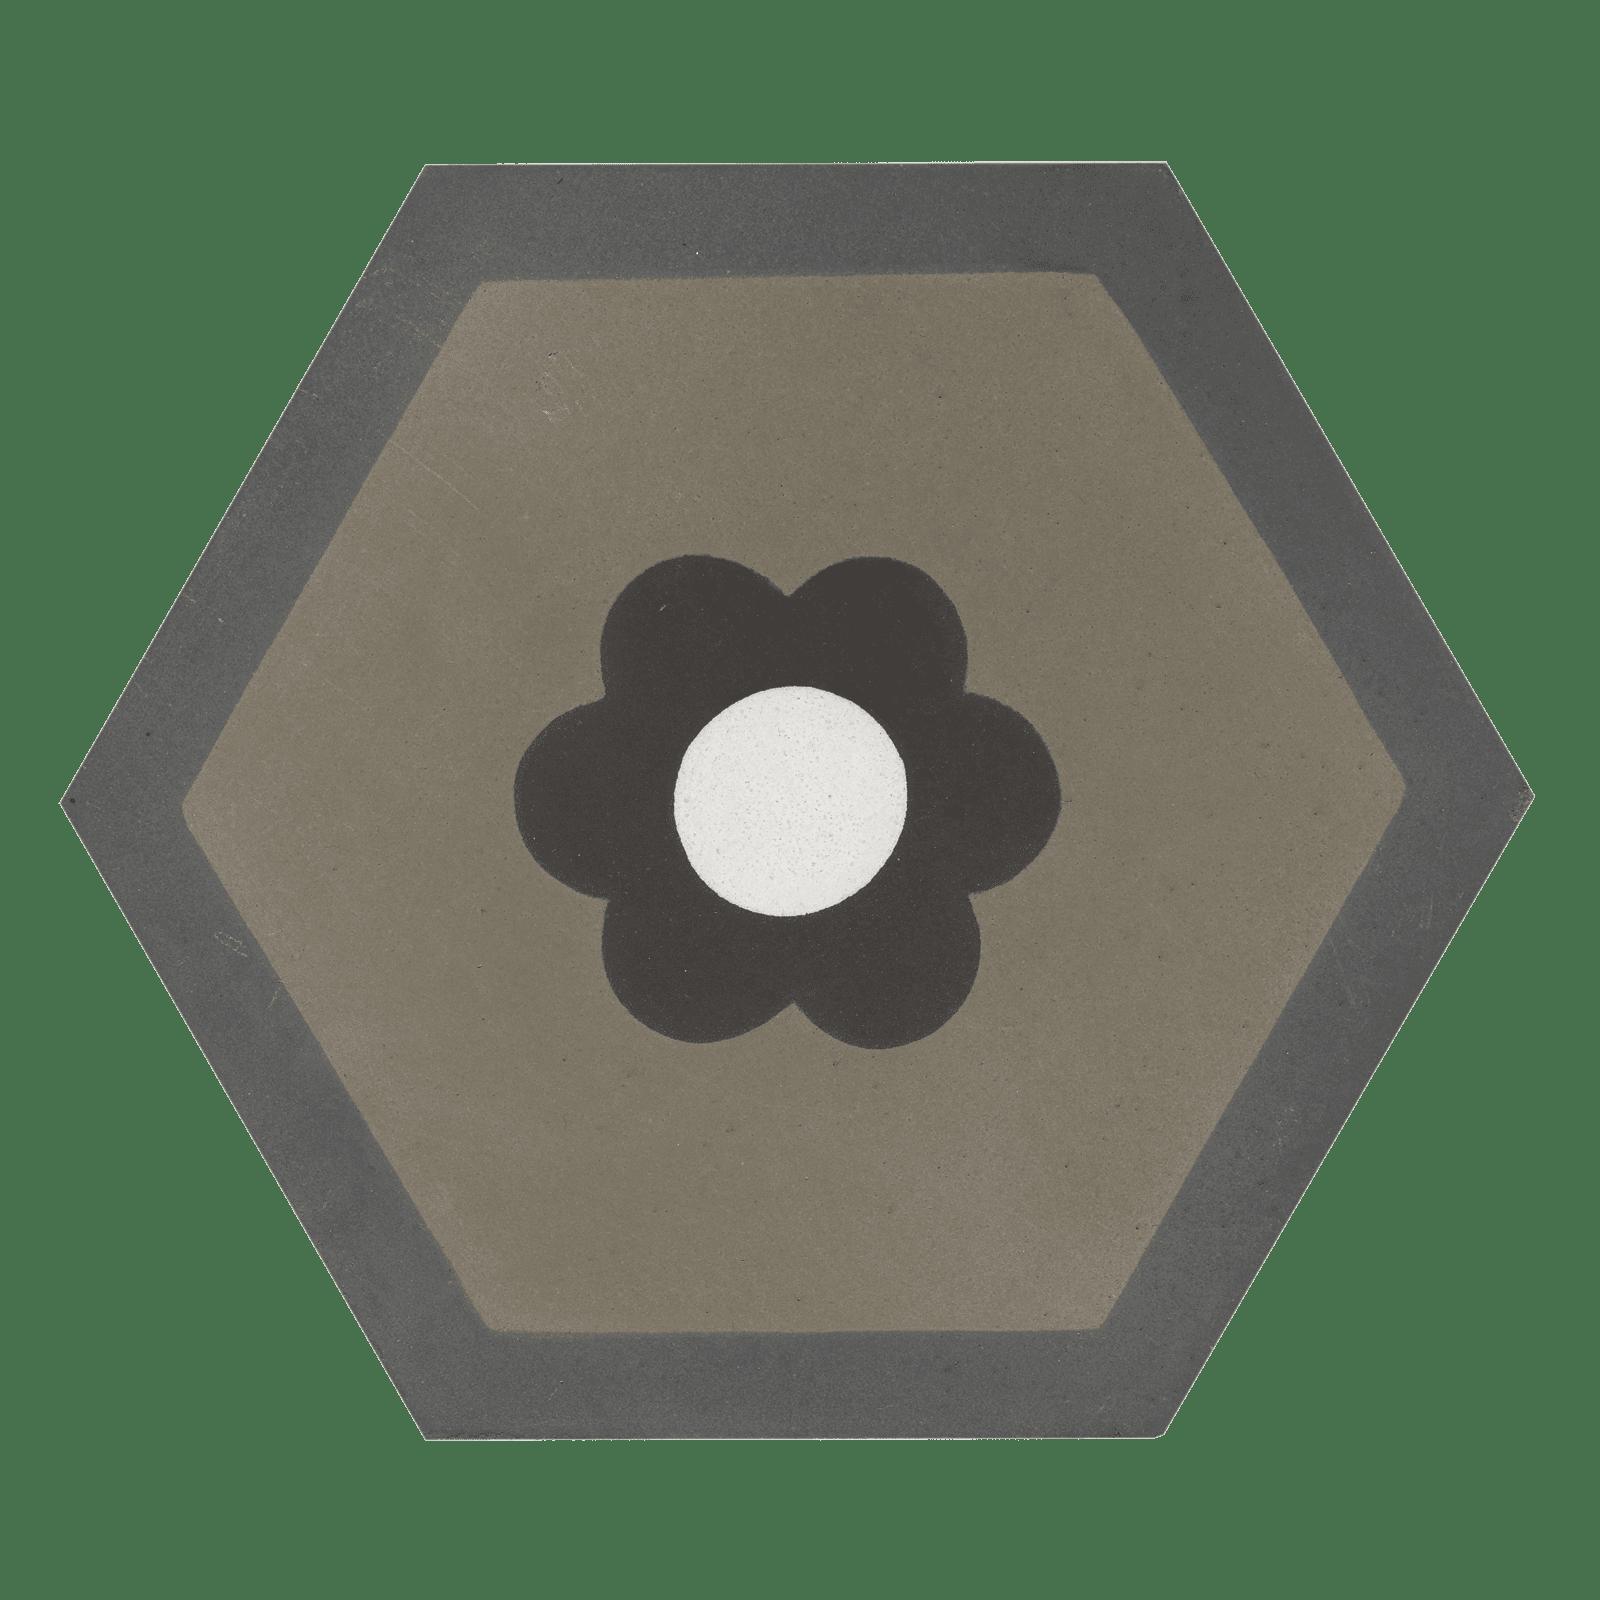 zementmosaikfliesen-nummer-600454-viaplatten | 600454